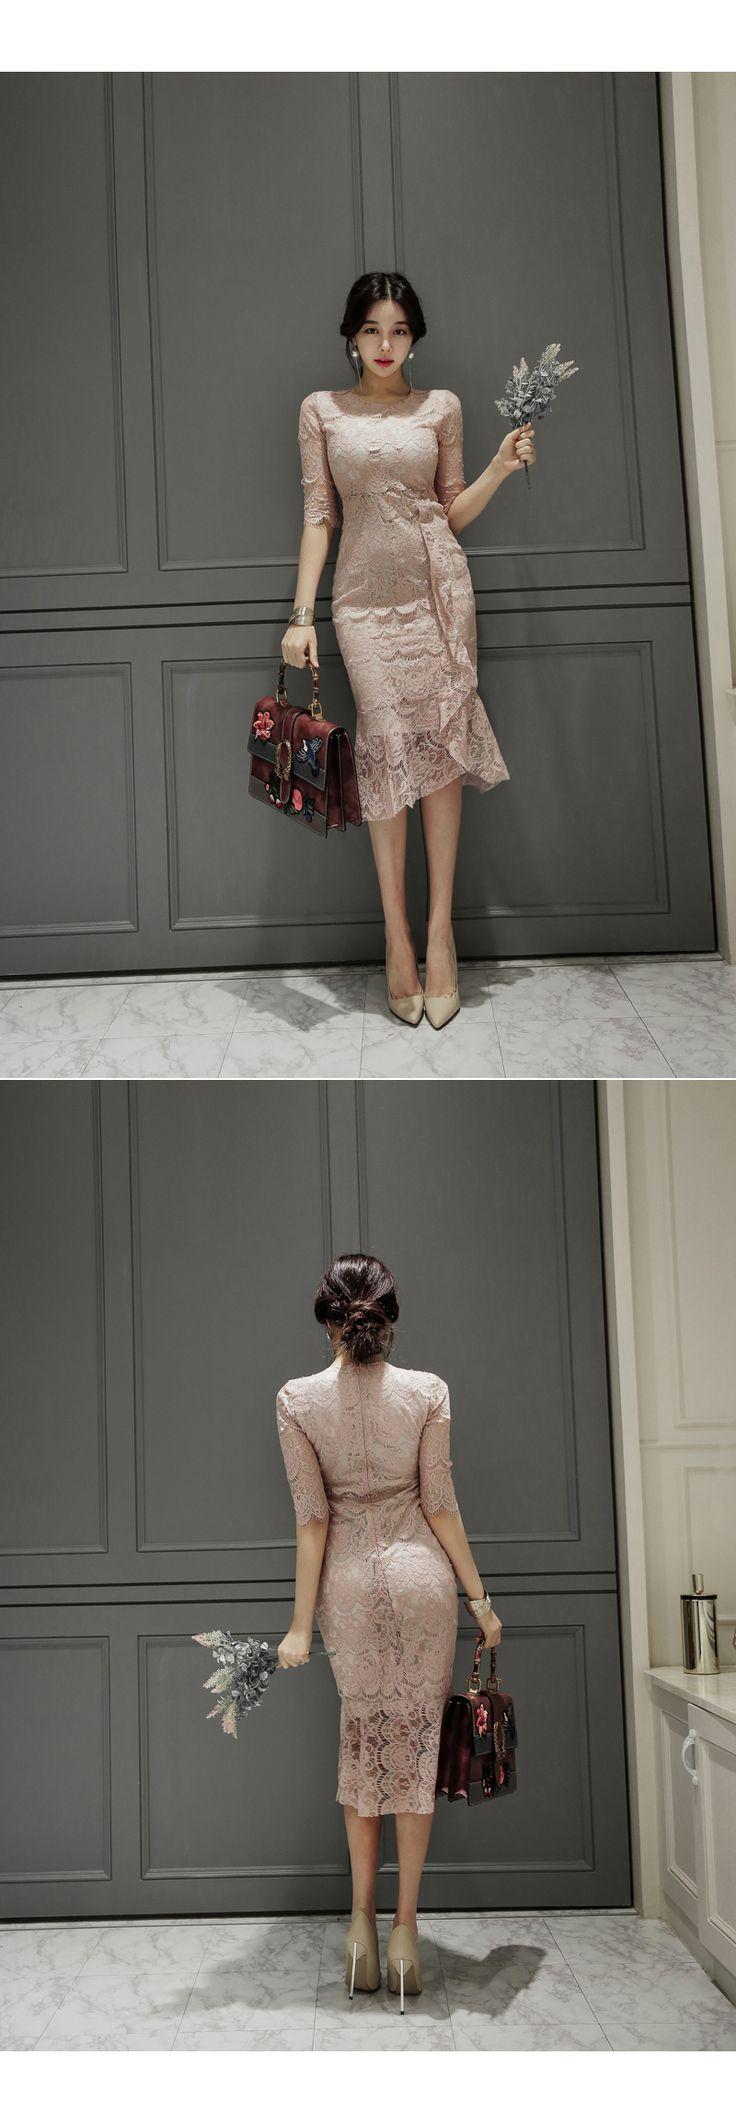 2017 nova rosa branca verão lace dress mulheres bodycon evening vestidos de meia manga laço longo dress vestidos de festa sexy Festa em Vestidos de Das mulheres Roupas & Acessórios no AliExpress.com | Alibaba Group